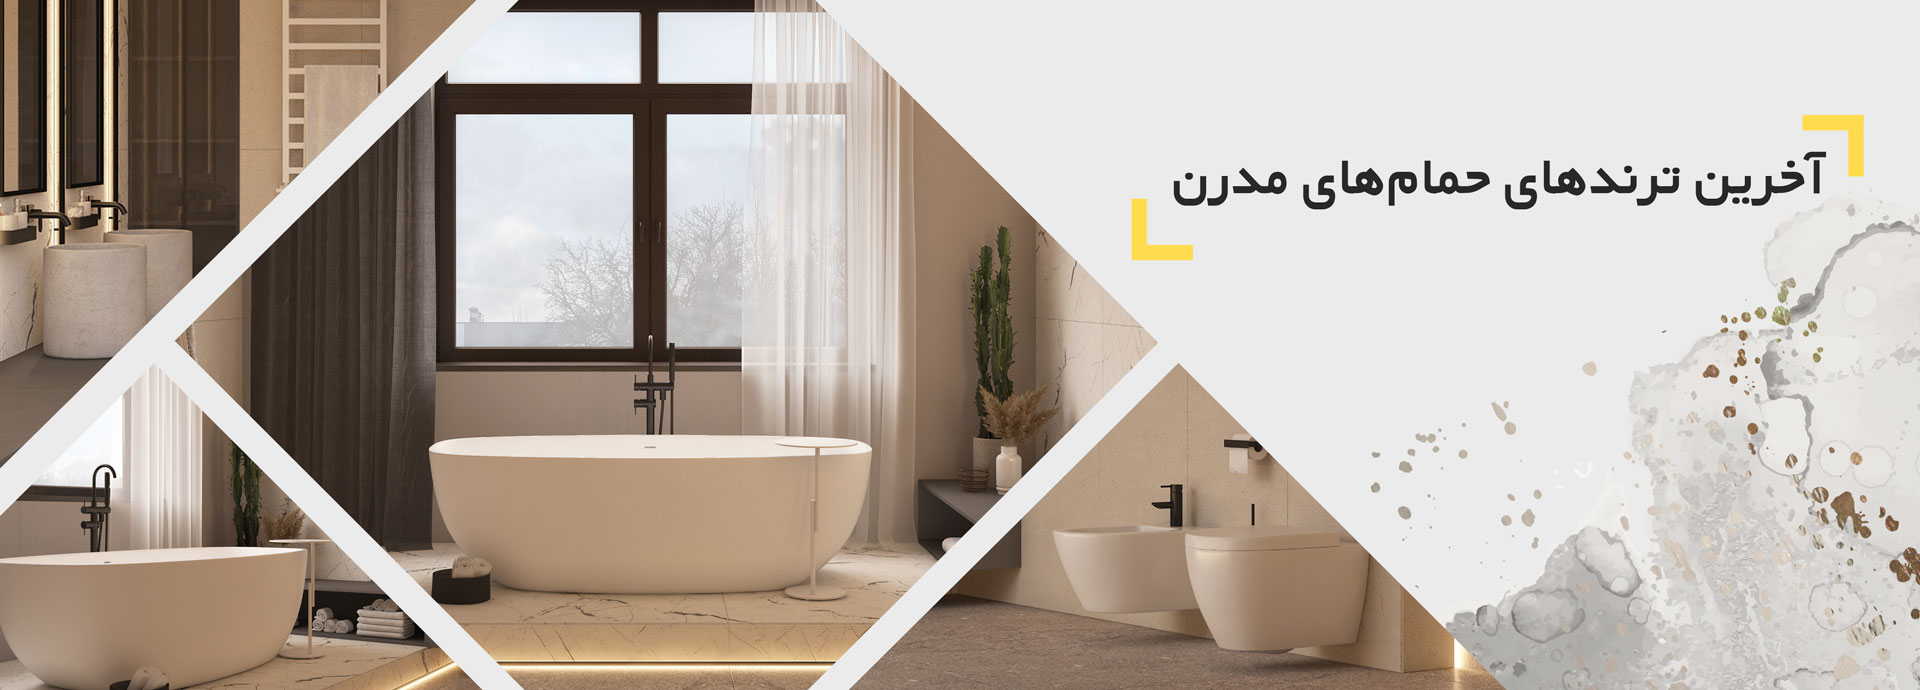 ترند حمام های مدرن